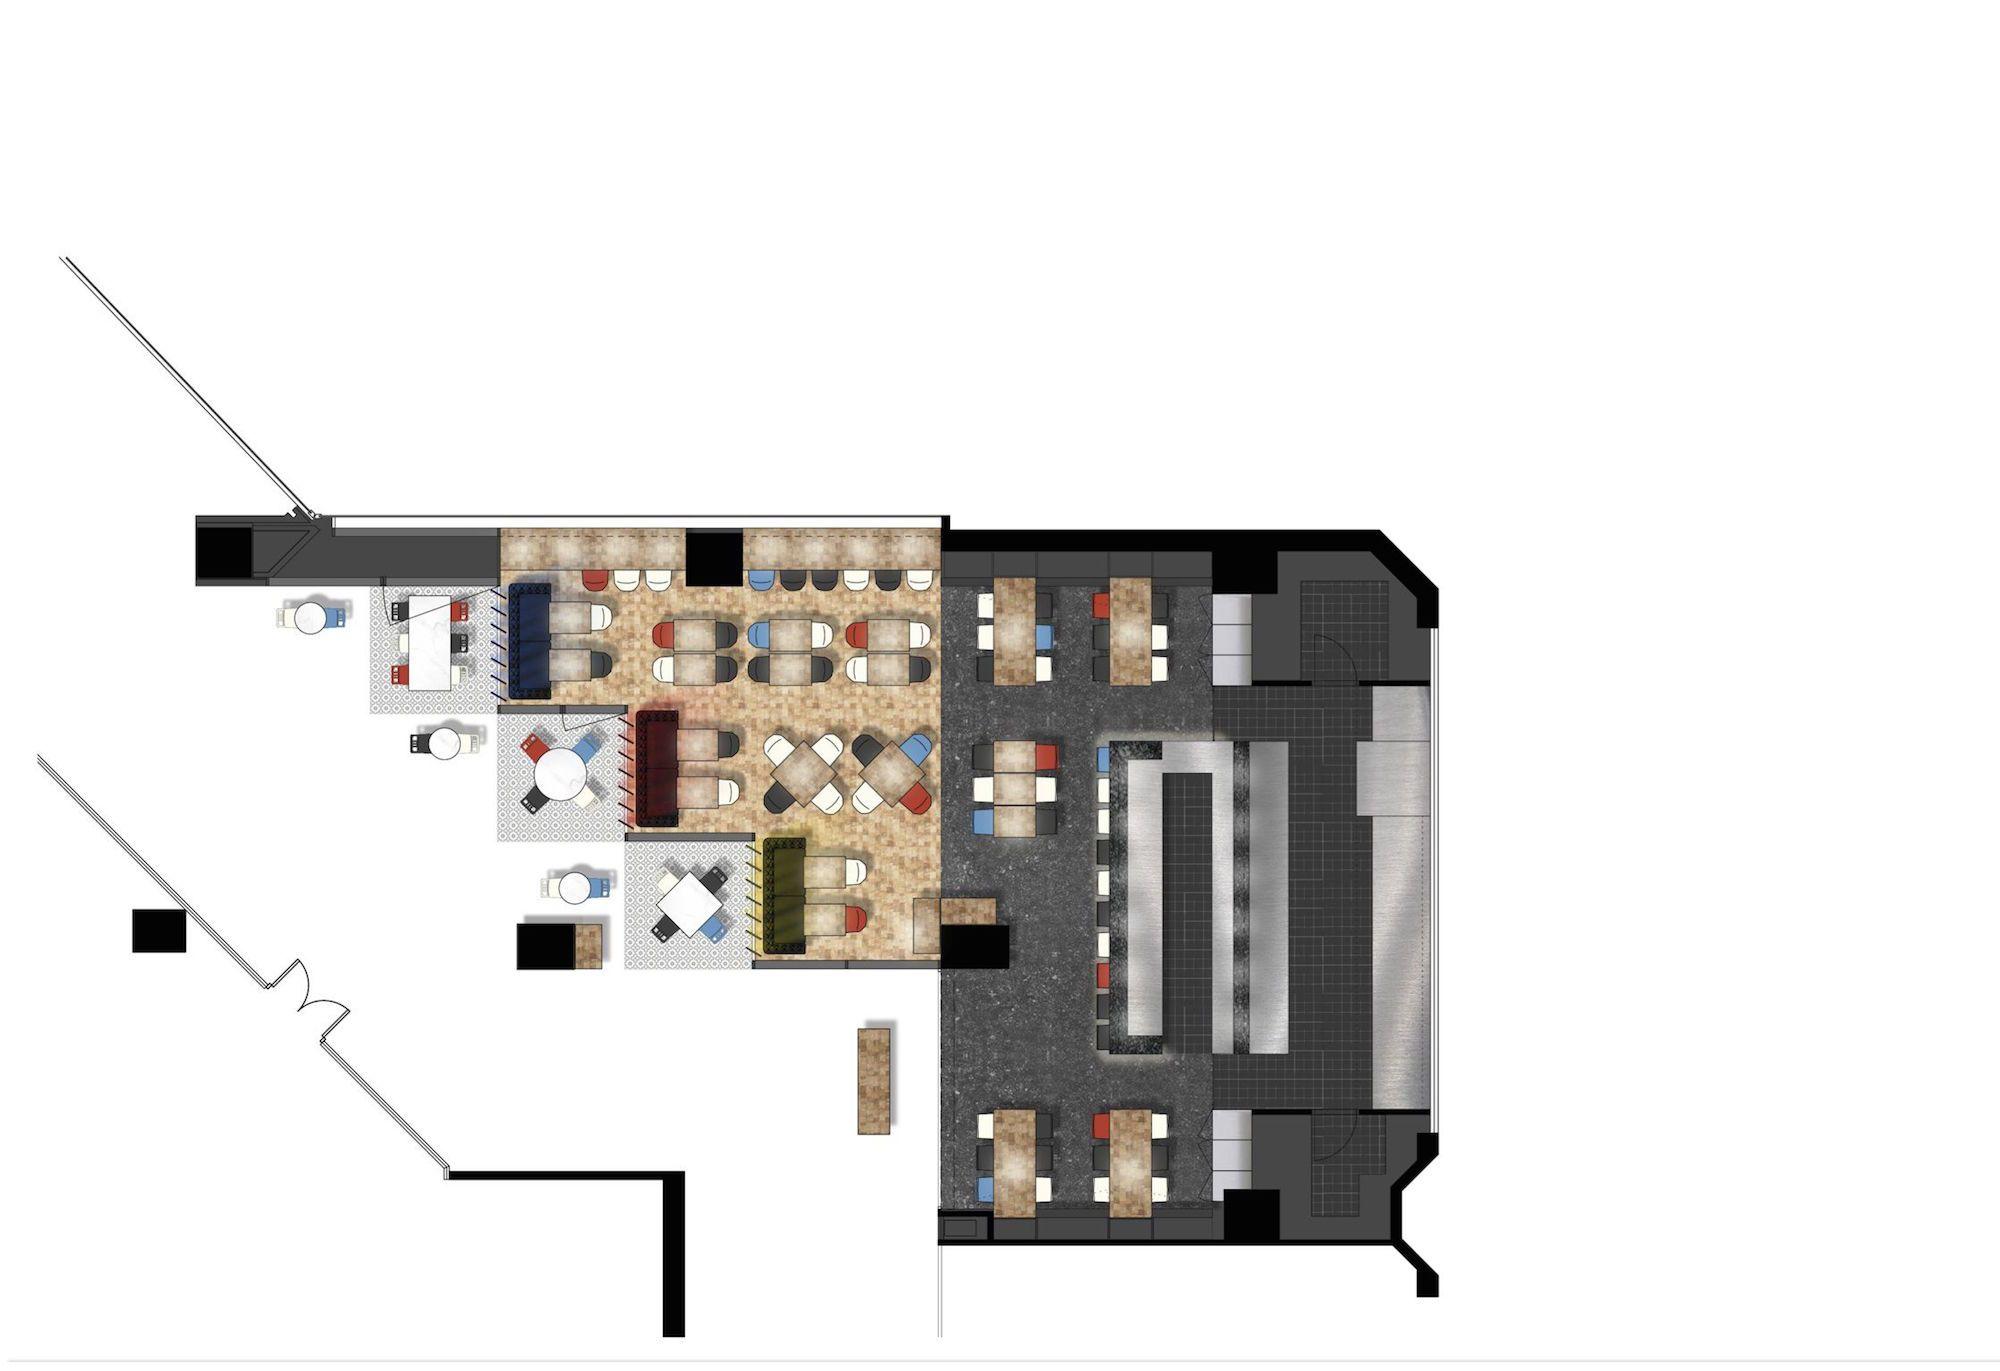 121024_vicool floorplan